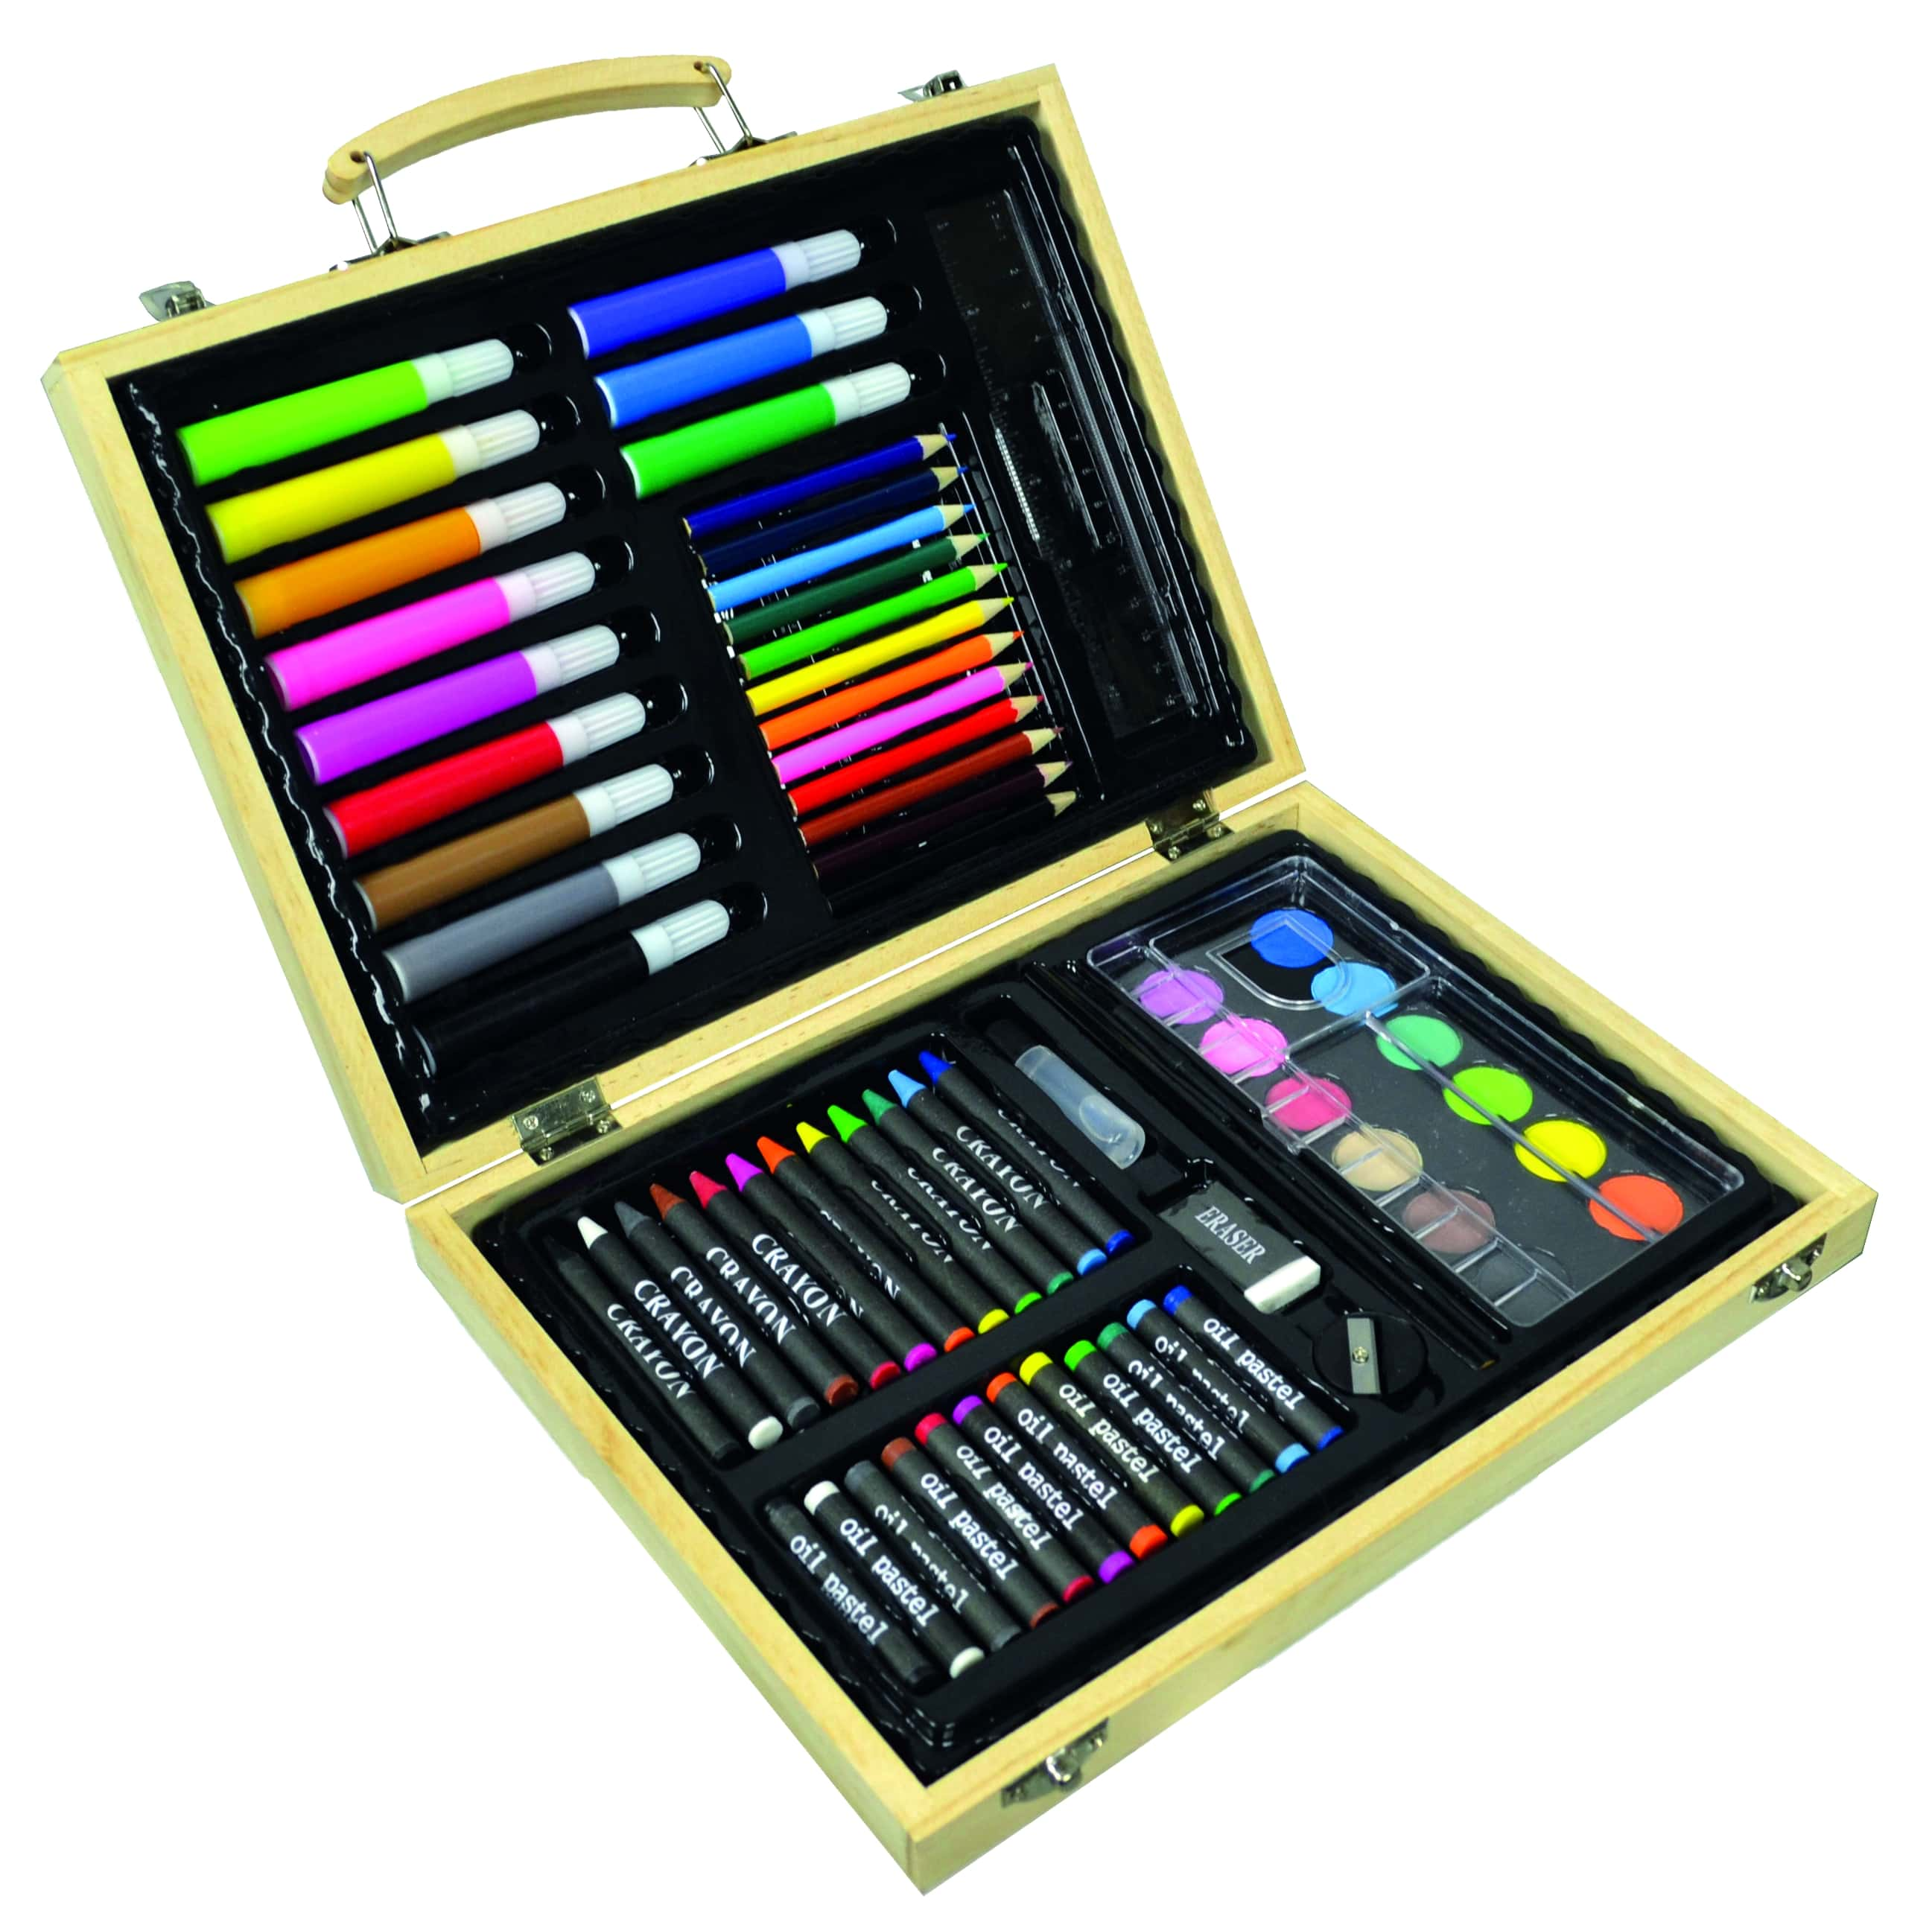 Creamania valigetta in legno colori 67 pz - CREAMANIA UNISEX